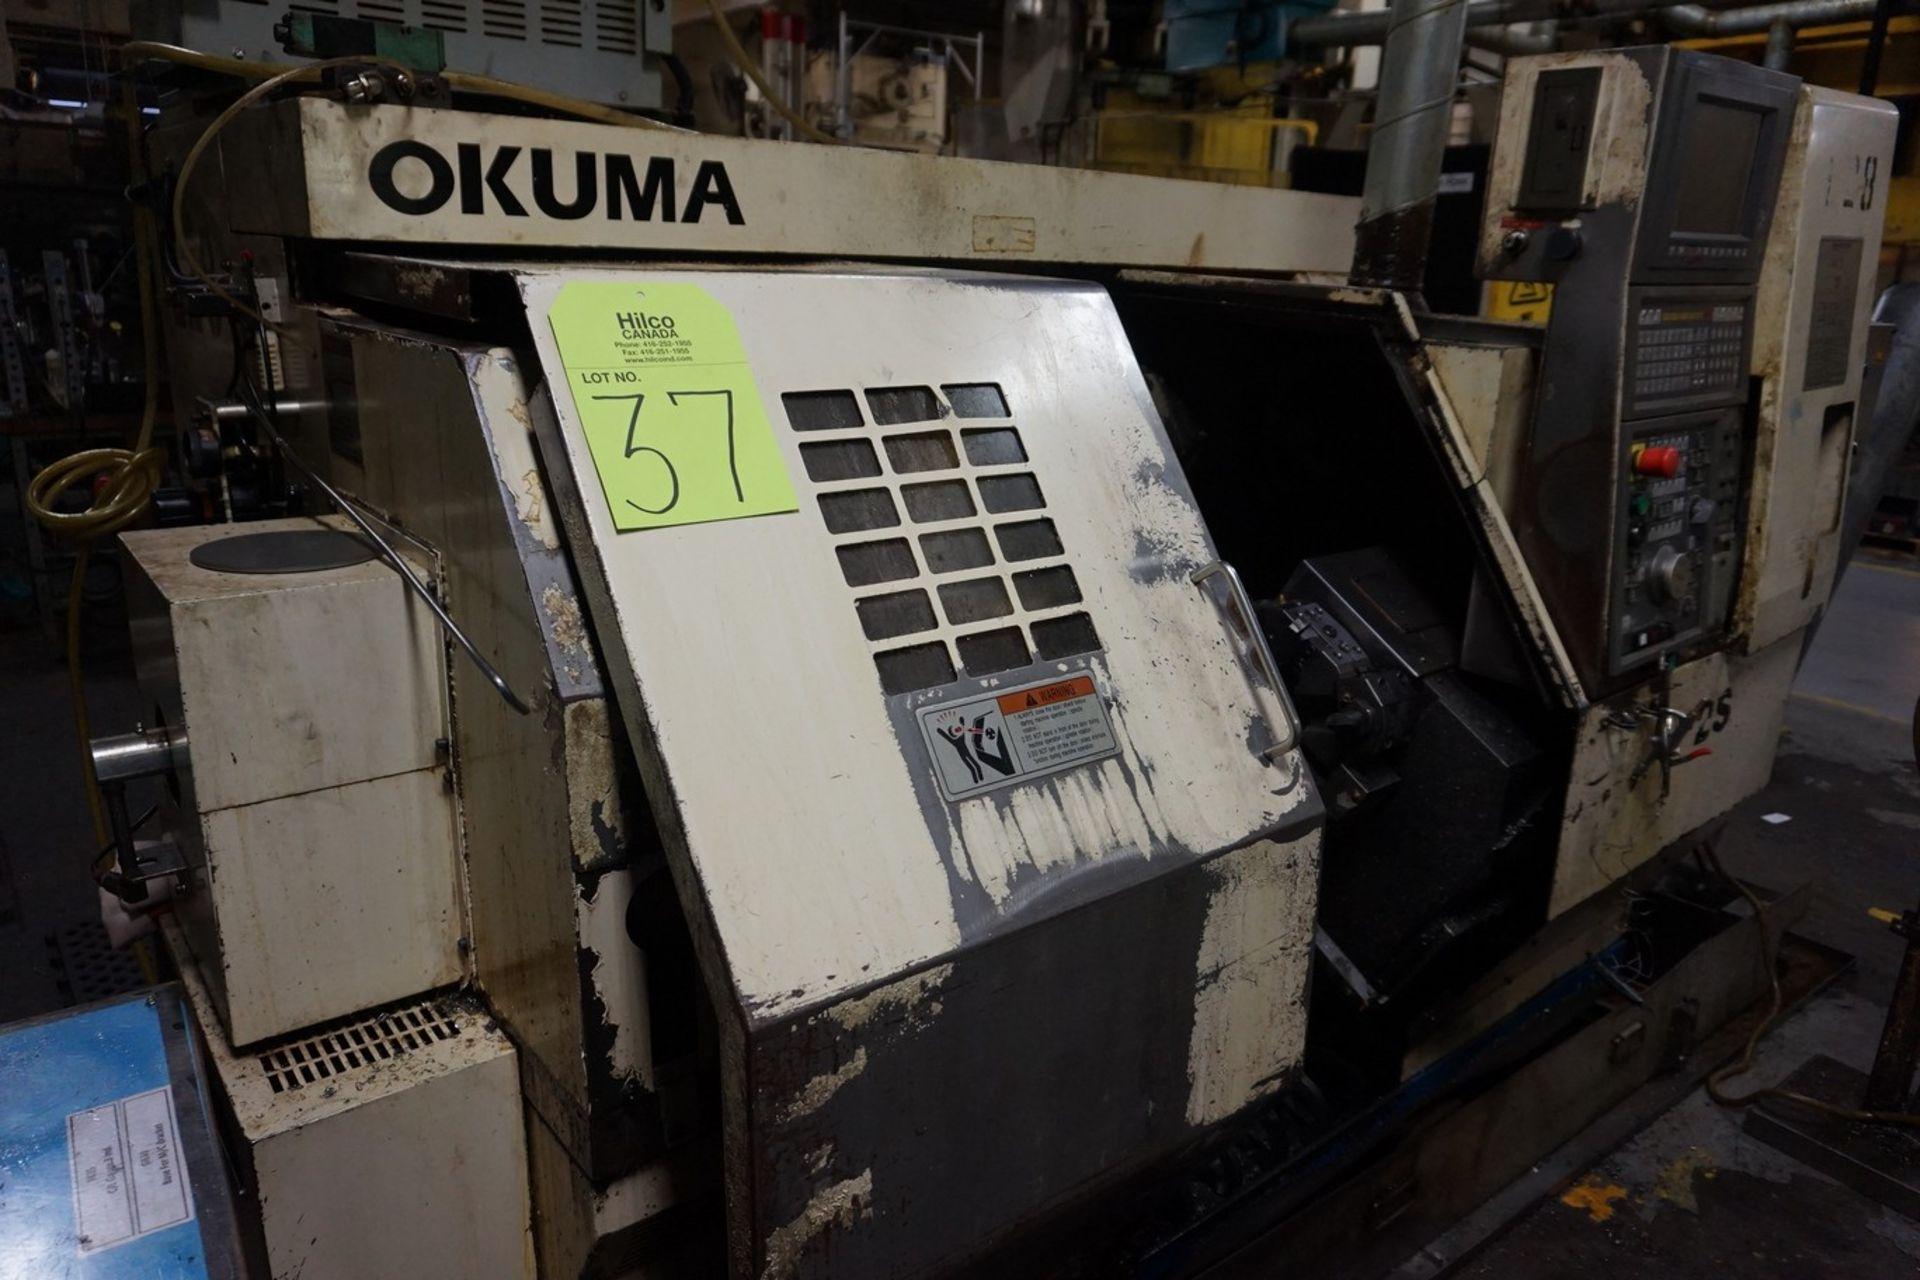 Okuma Model LCC15-2S CNC Lathe 220/240V c/w Chip Conveyor, Transformer